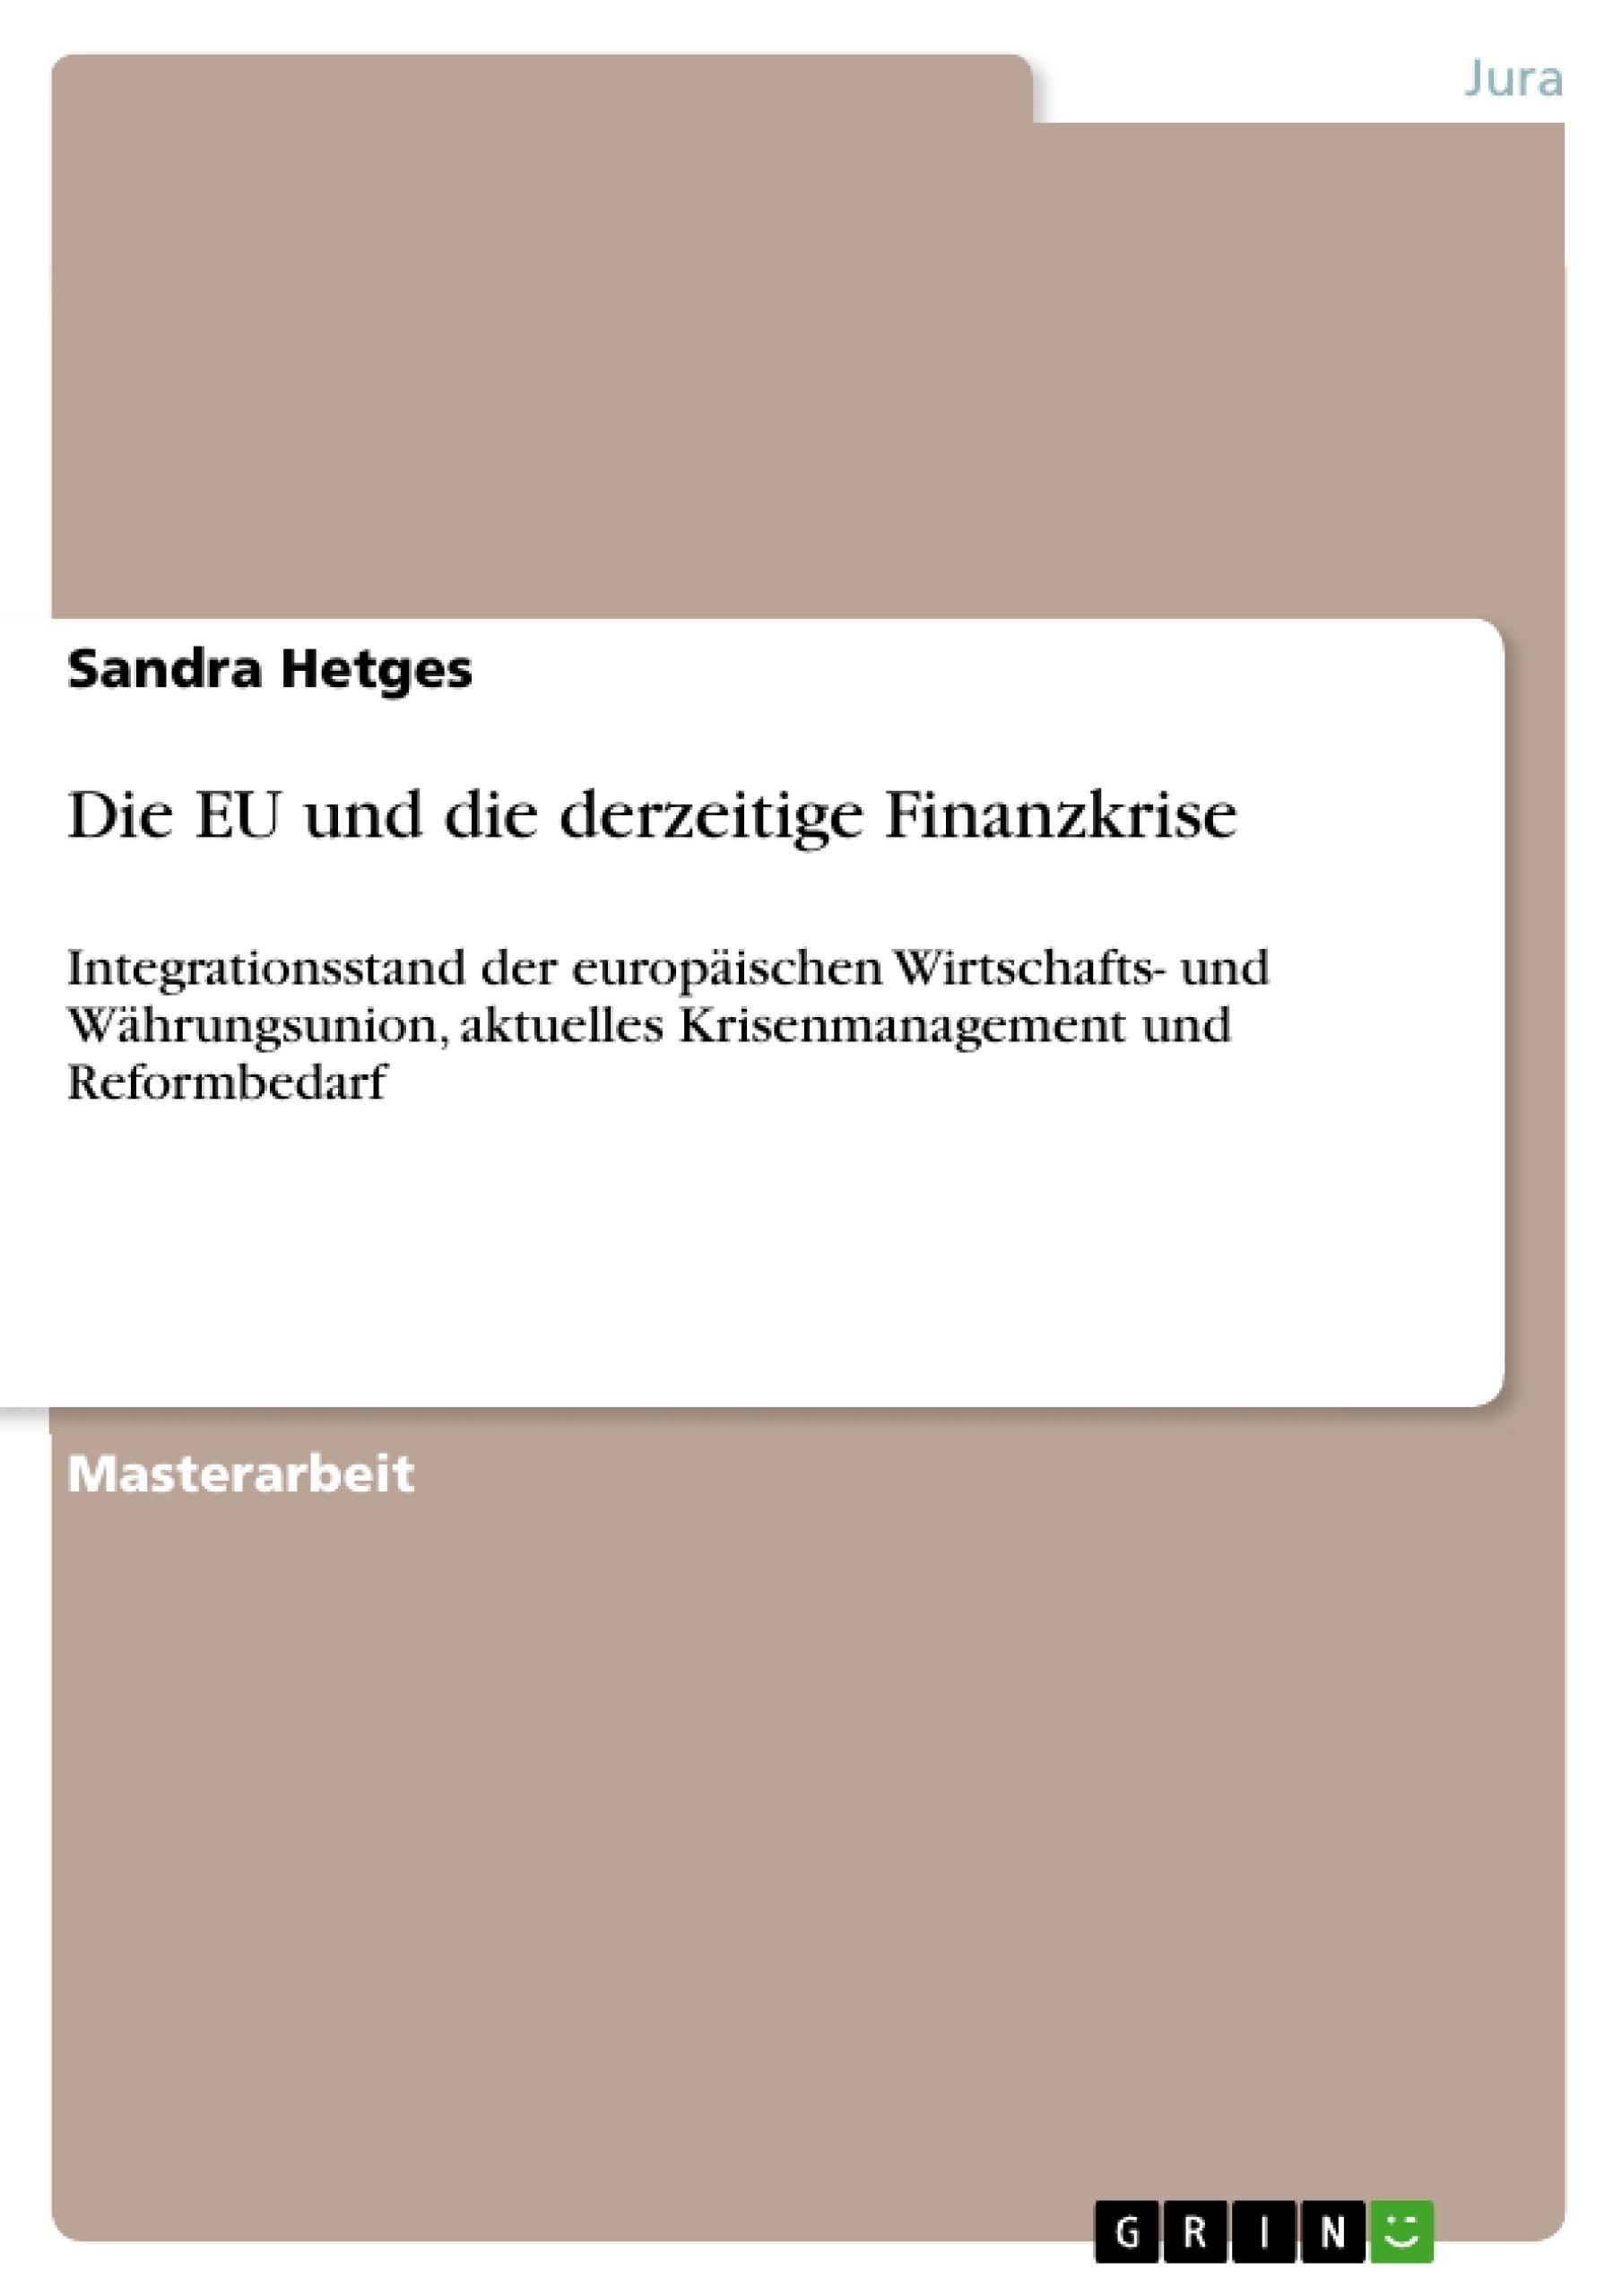 Titel: Die EU und die derzeitige Finanzkrise